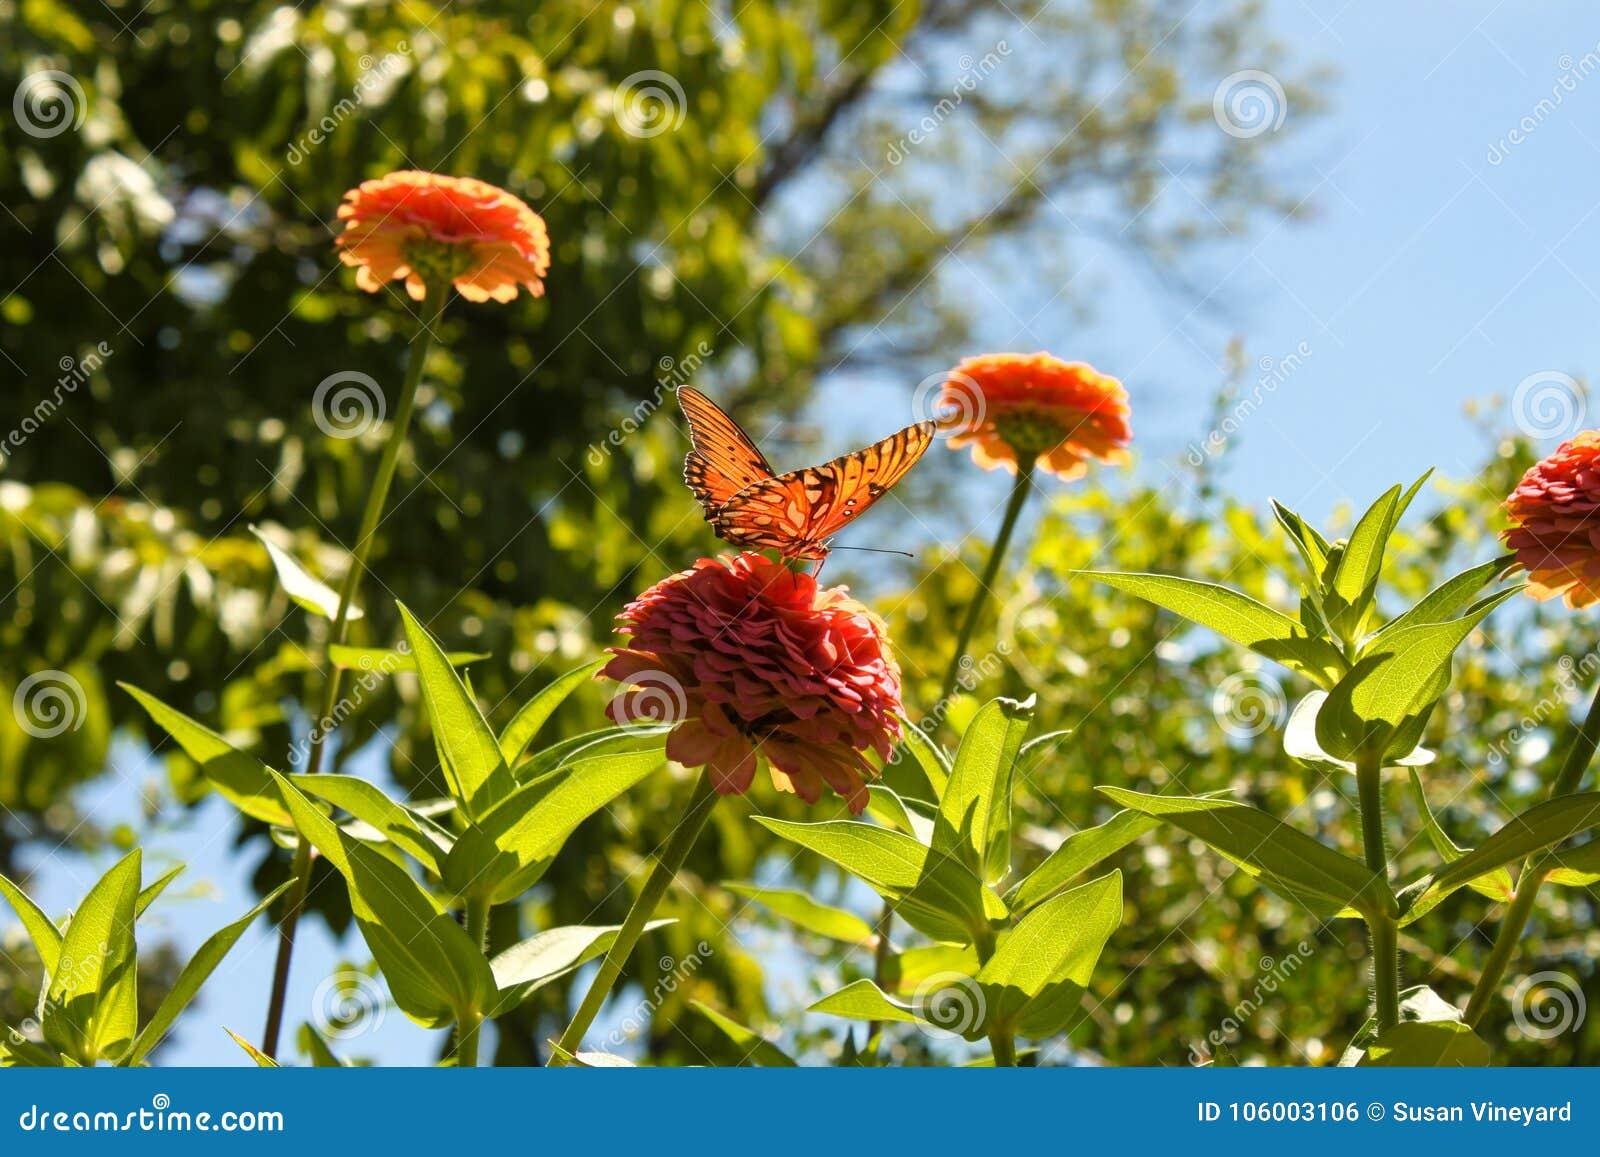 与走路通过它的在桃红色百日菊属花的翼的太阳的橙色蝴蝶在花园-被弄脏的背景里-浅focu